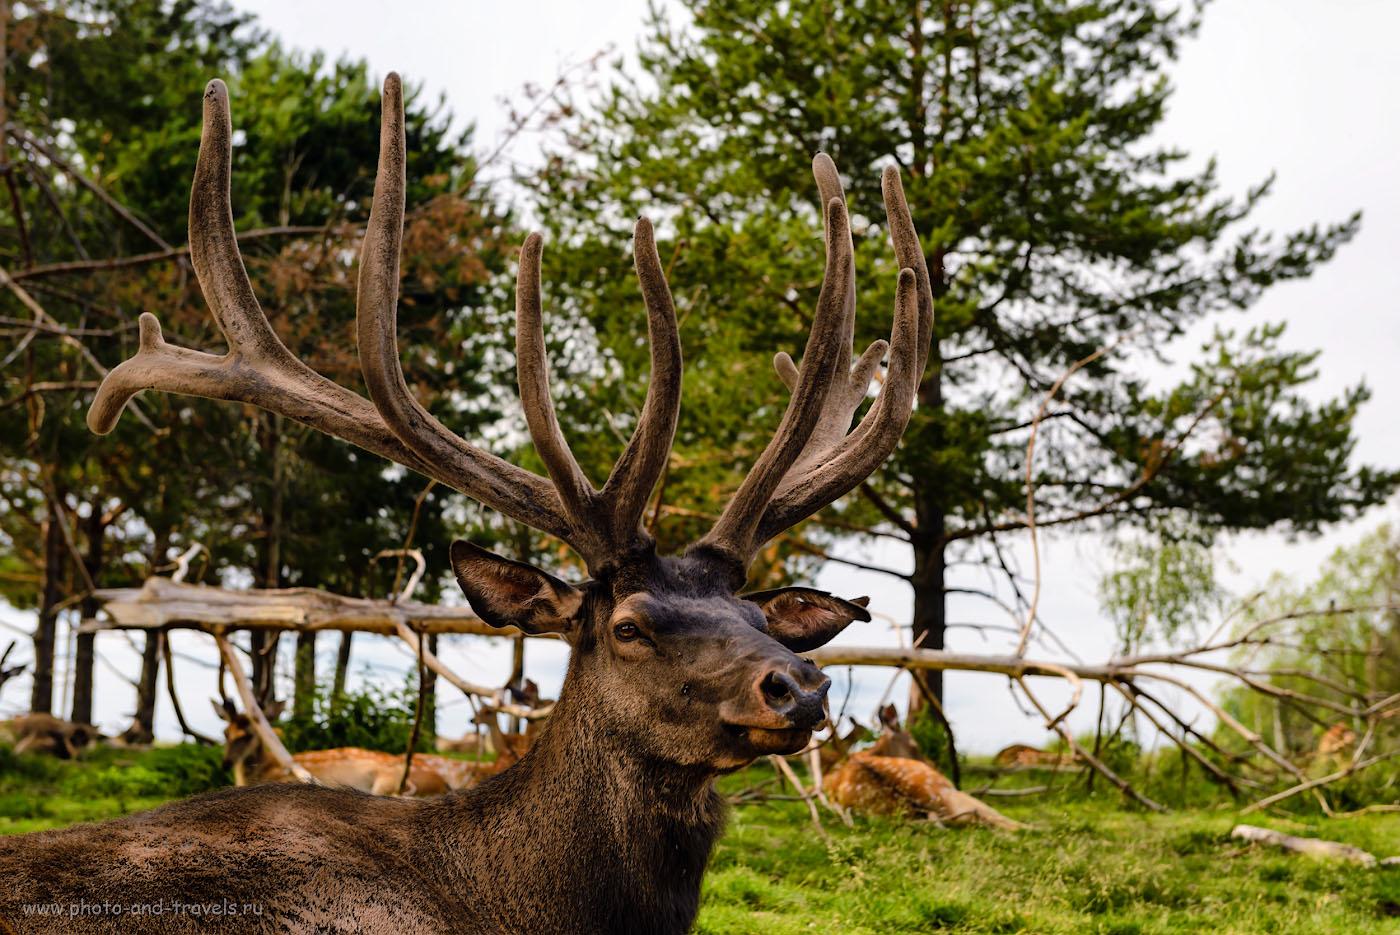 Фото 3. Марал, или благородный олень. Экскурсия на ферму в поселке Висим. Камера Nikon D610 + объектив Nikon 24-70mm f/2.8G. Параметры съемки: 1/125, -1.0, 5.6, 100, 58.